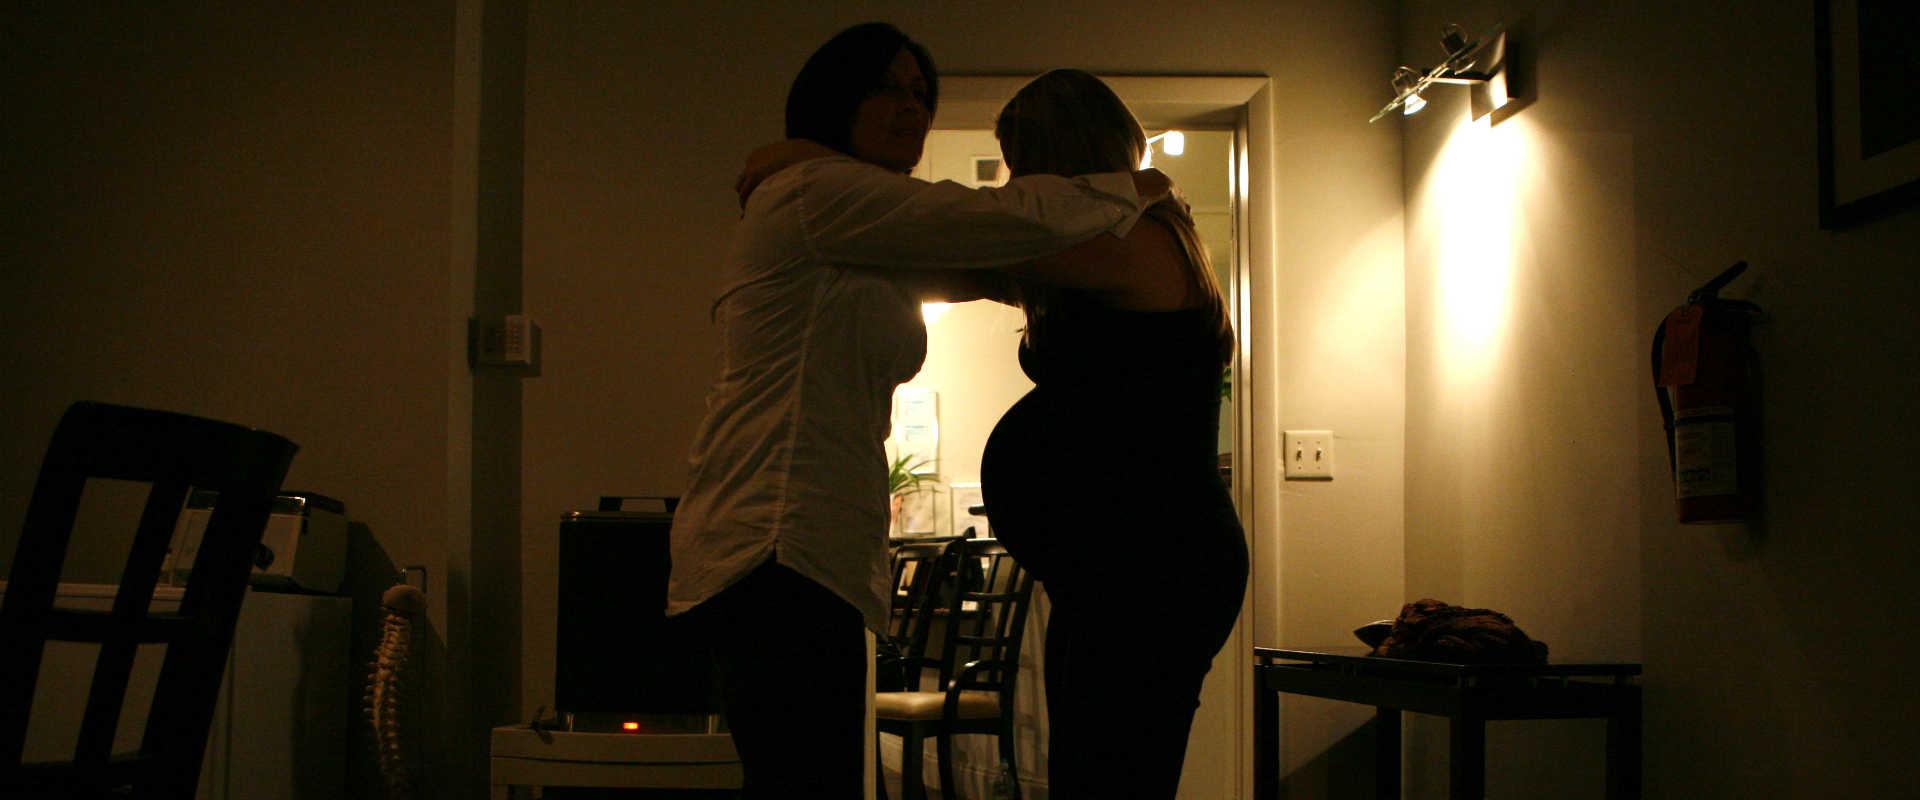 דולה מסייעת לאישה בהריון